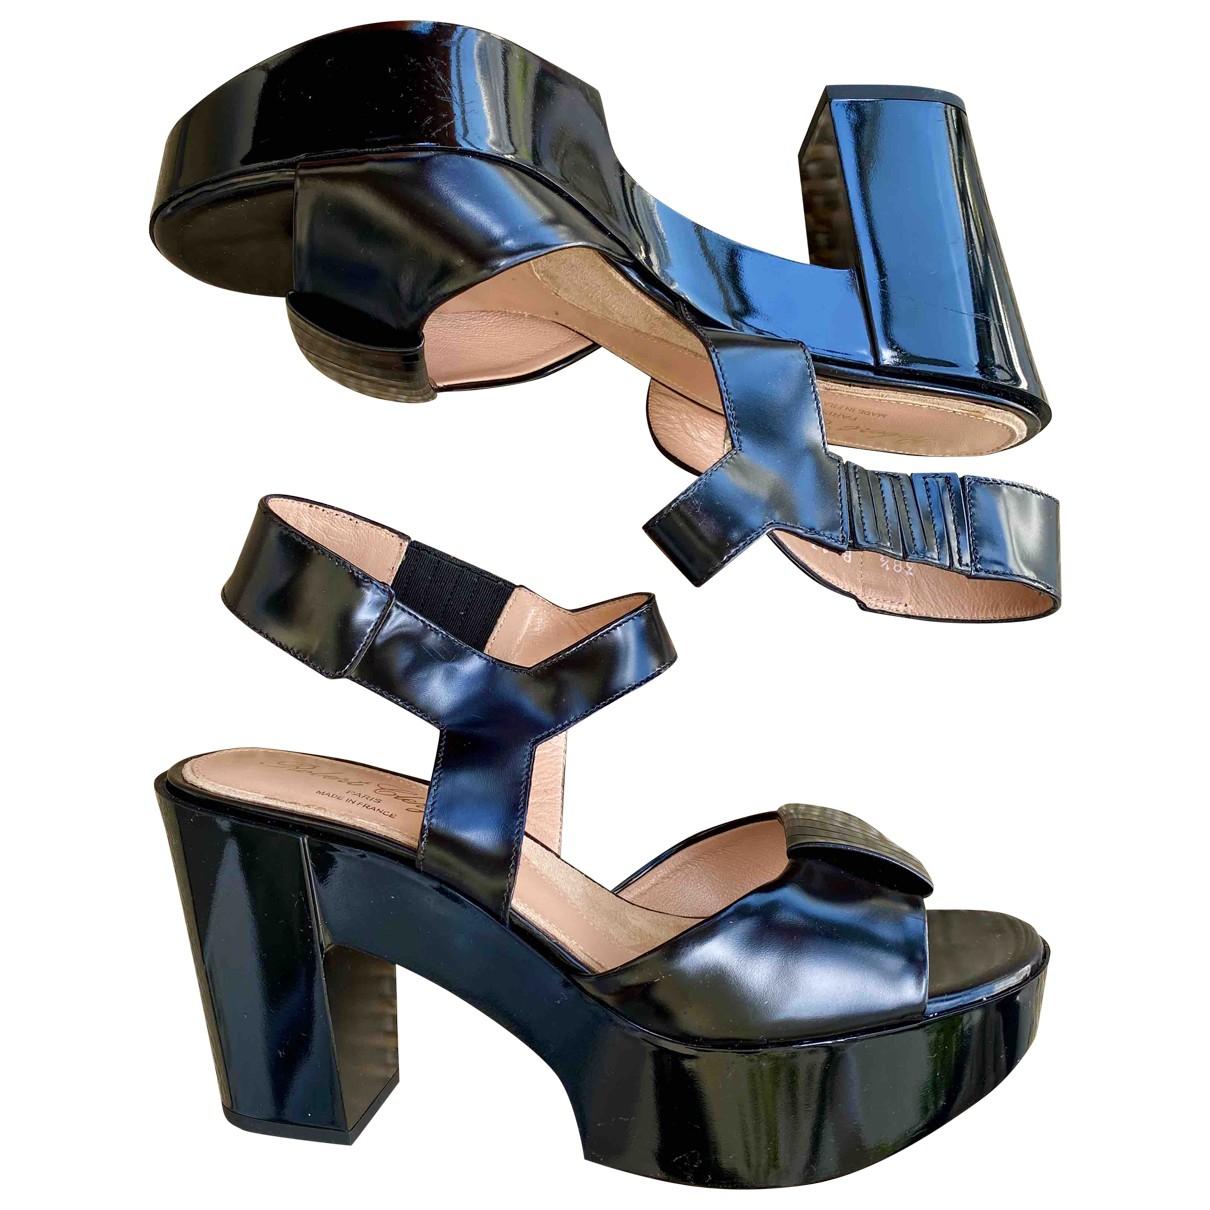 Robert Clergerie - Sandales   pour femme en cuir verni - noir